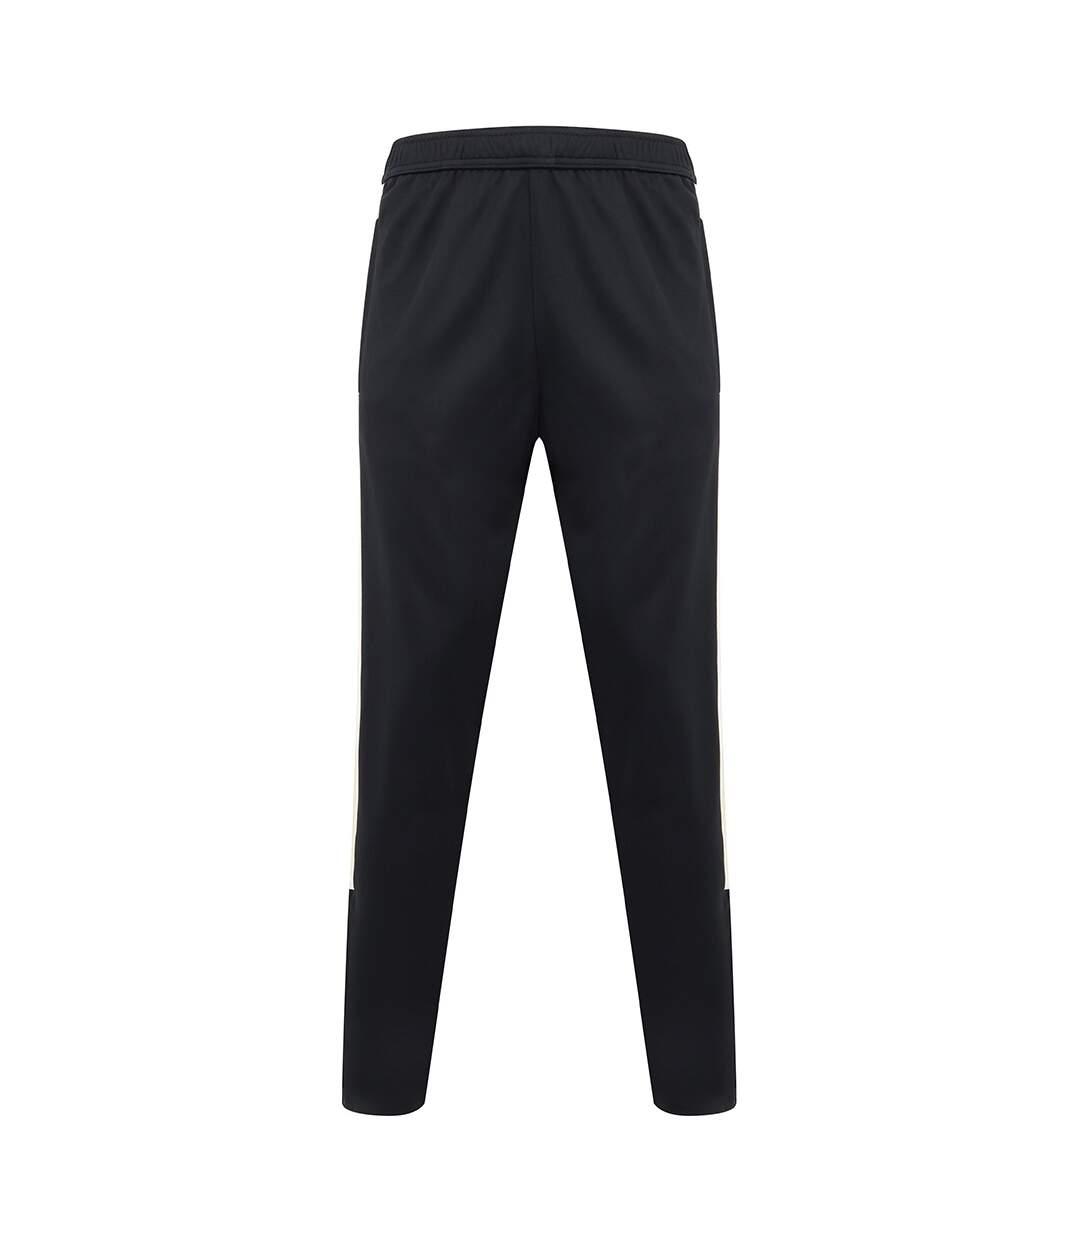 Finden & Hales Mens Knitted Tracksuit Pants (Black/Black) - UTPC3084